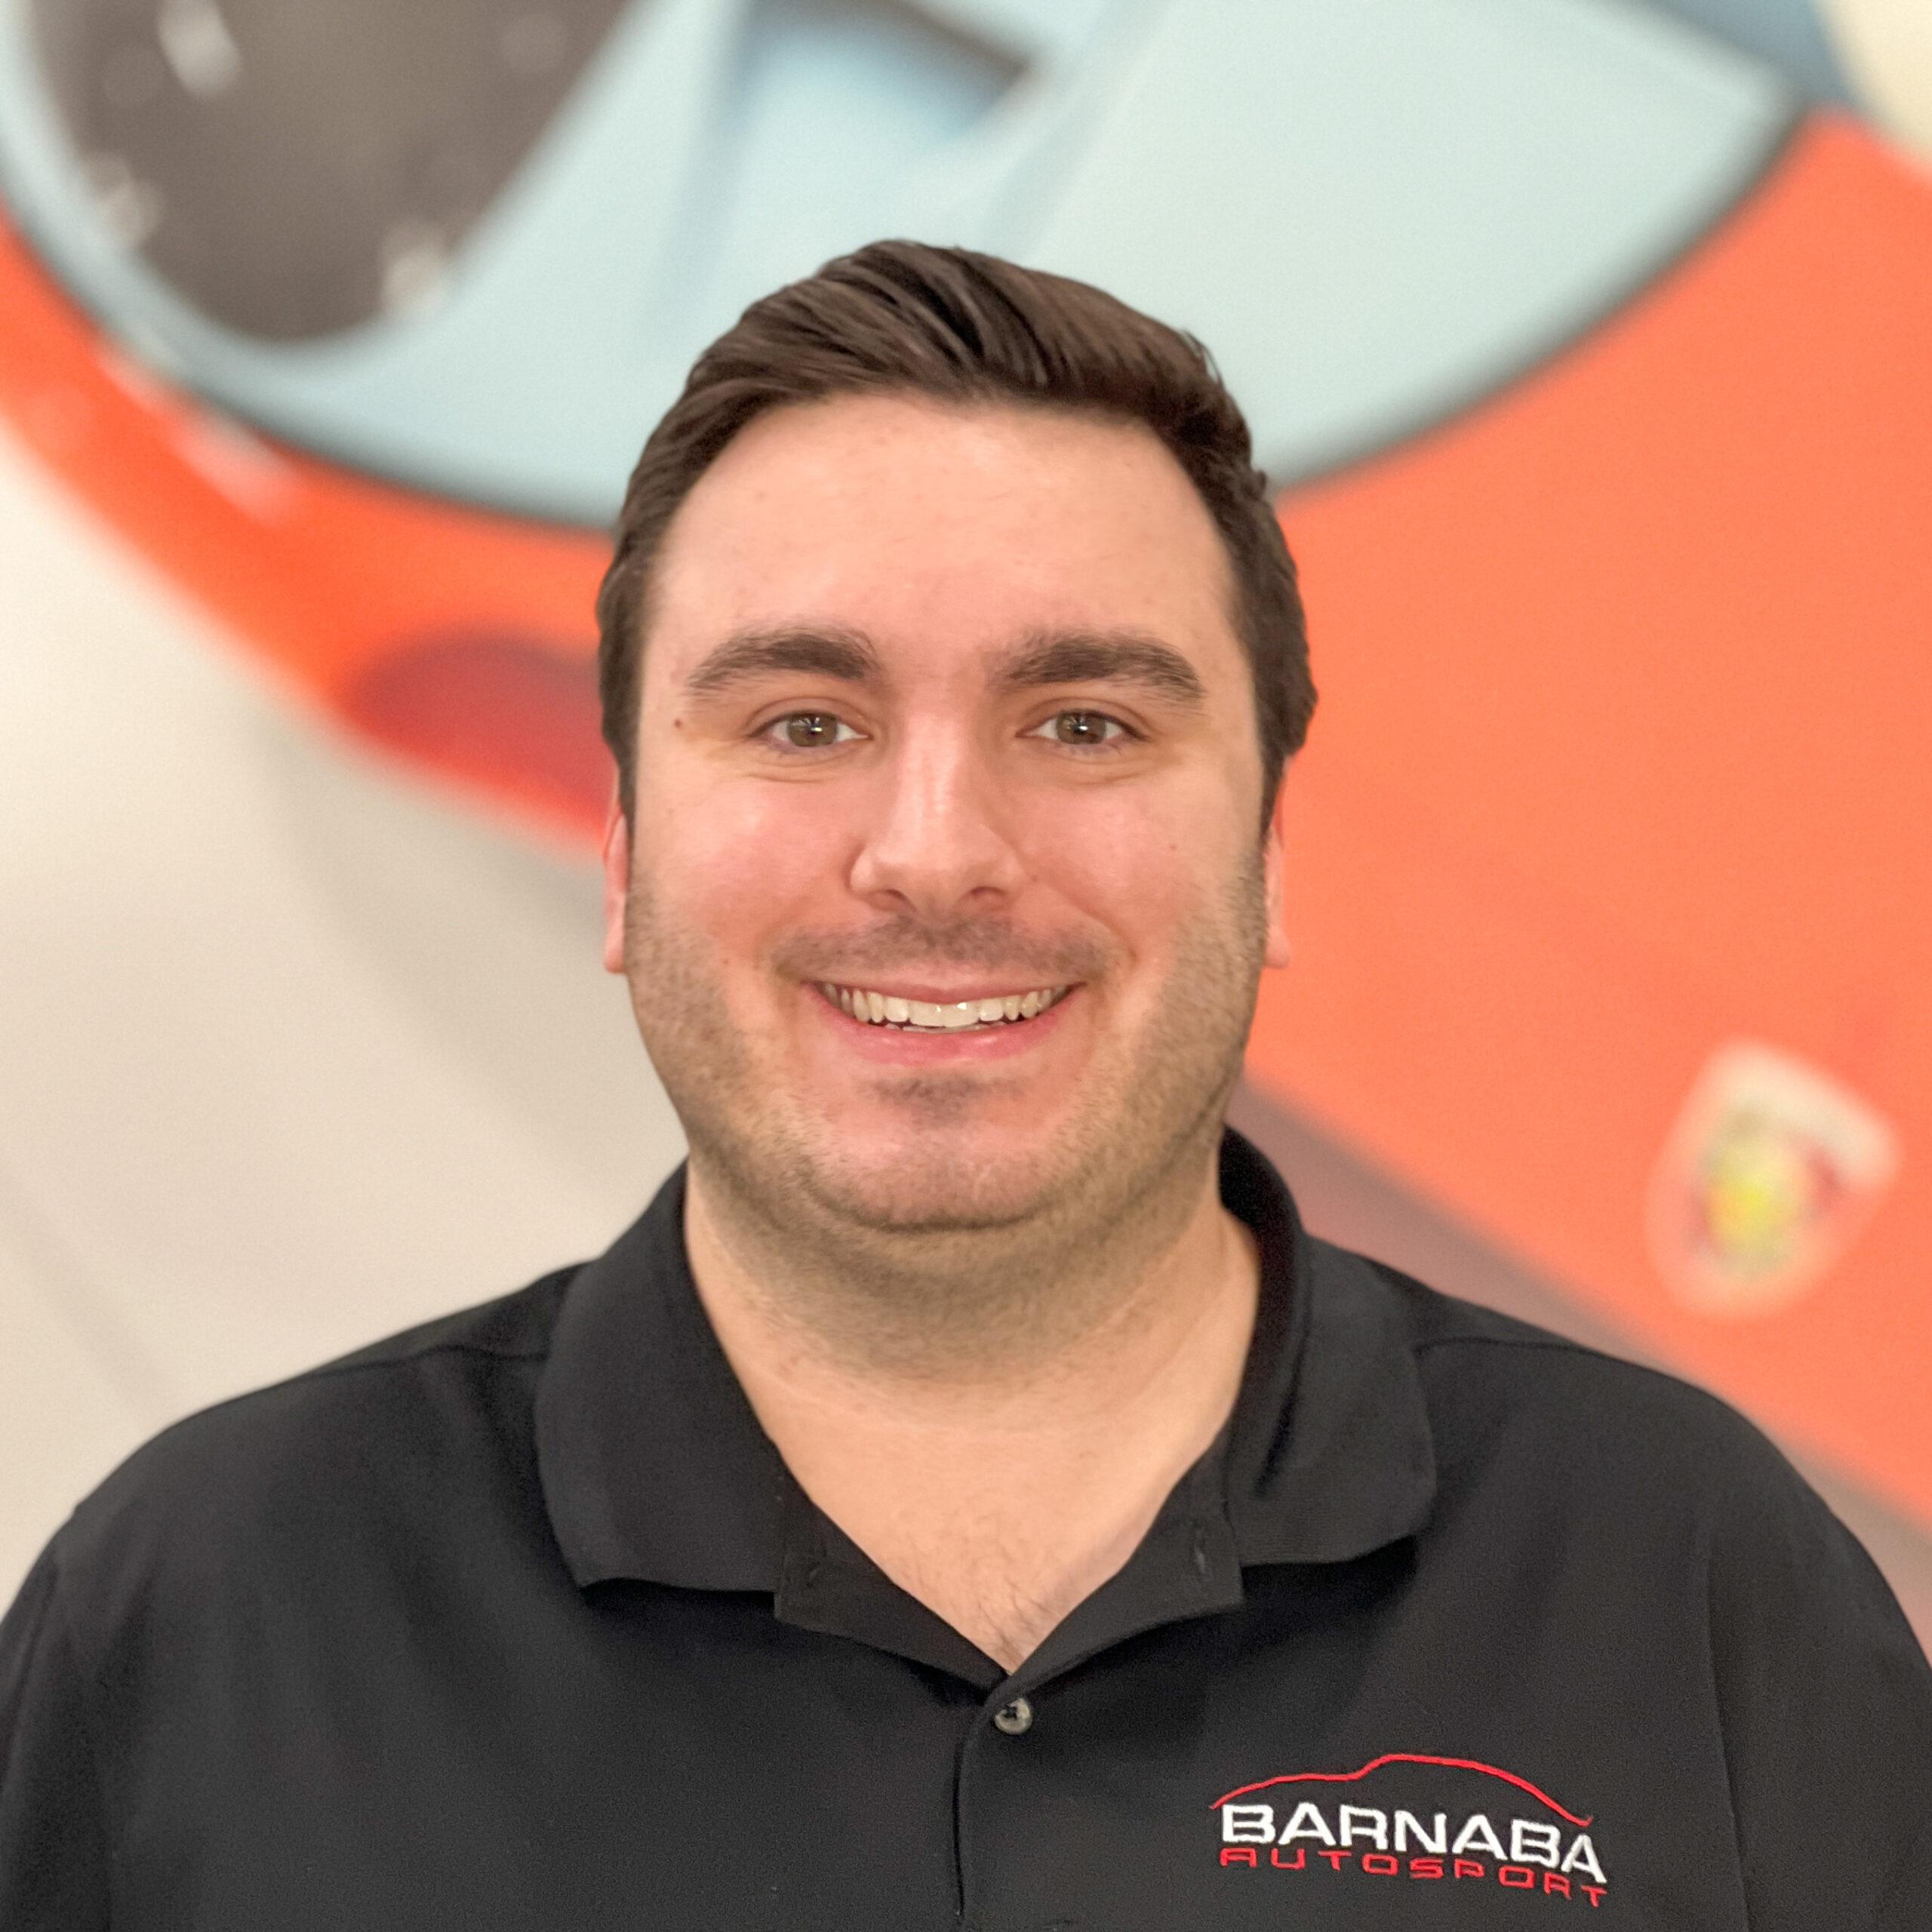 Chris Barnaba